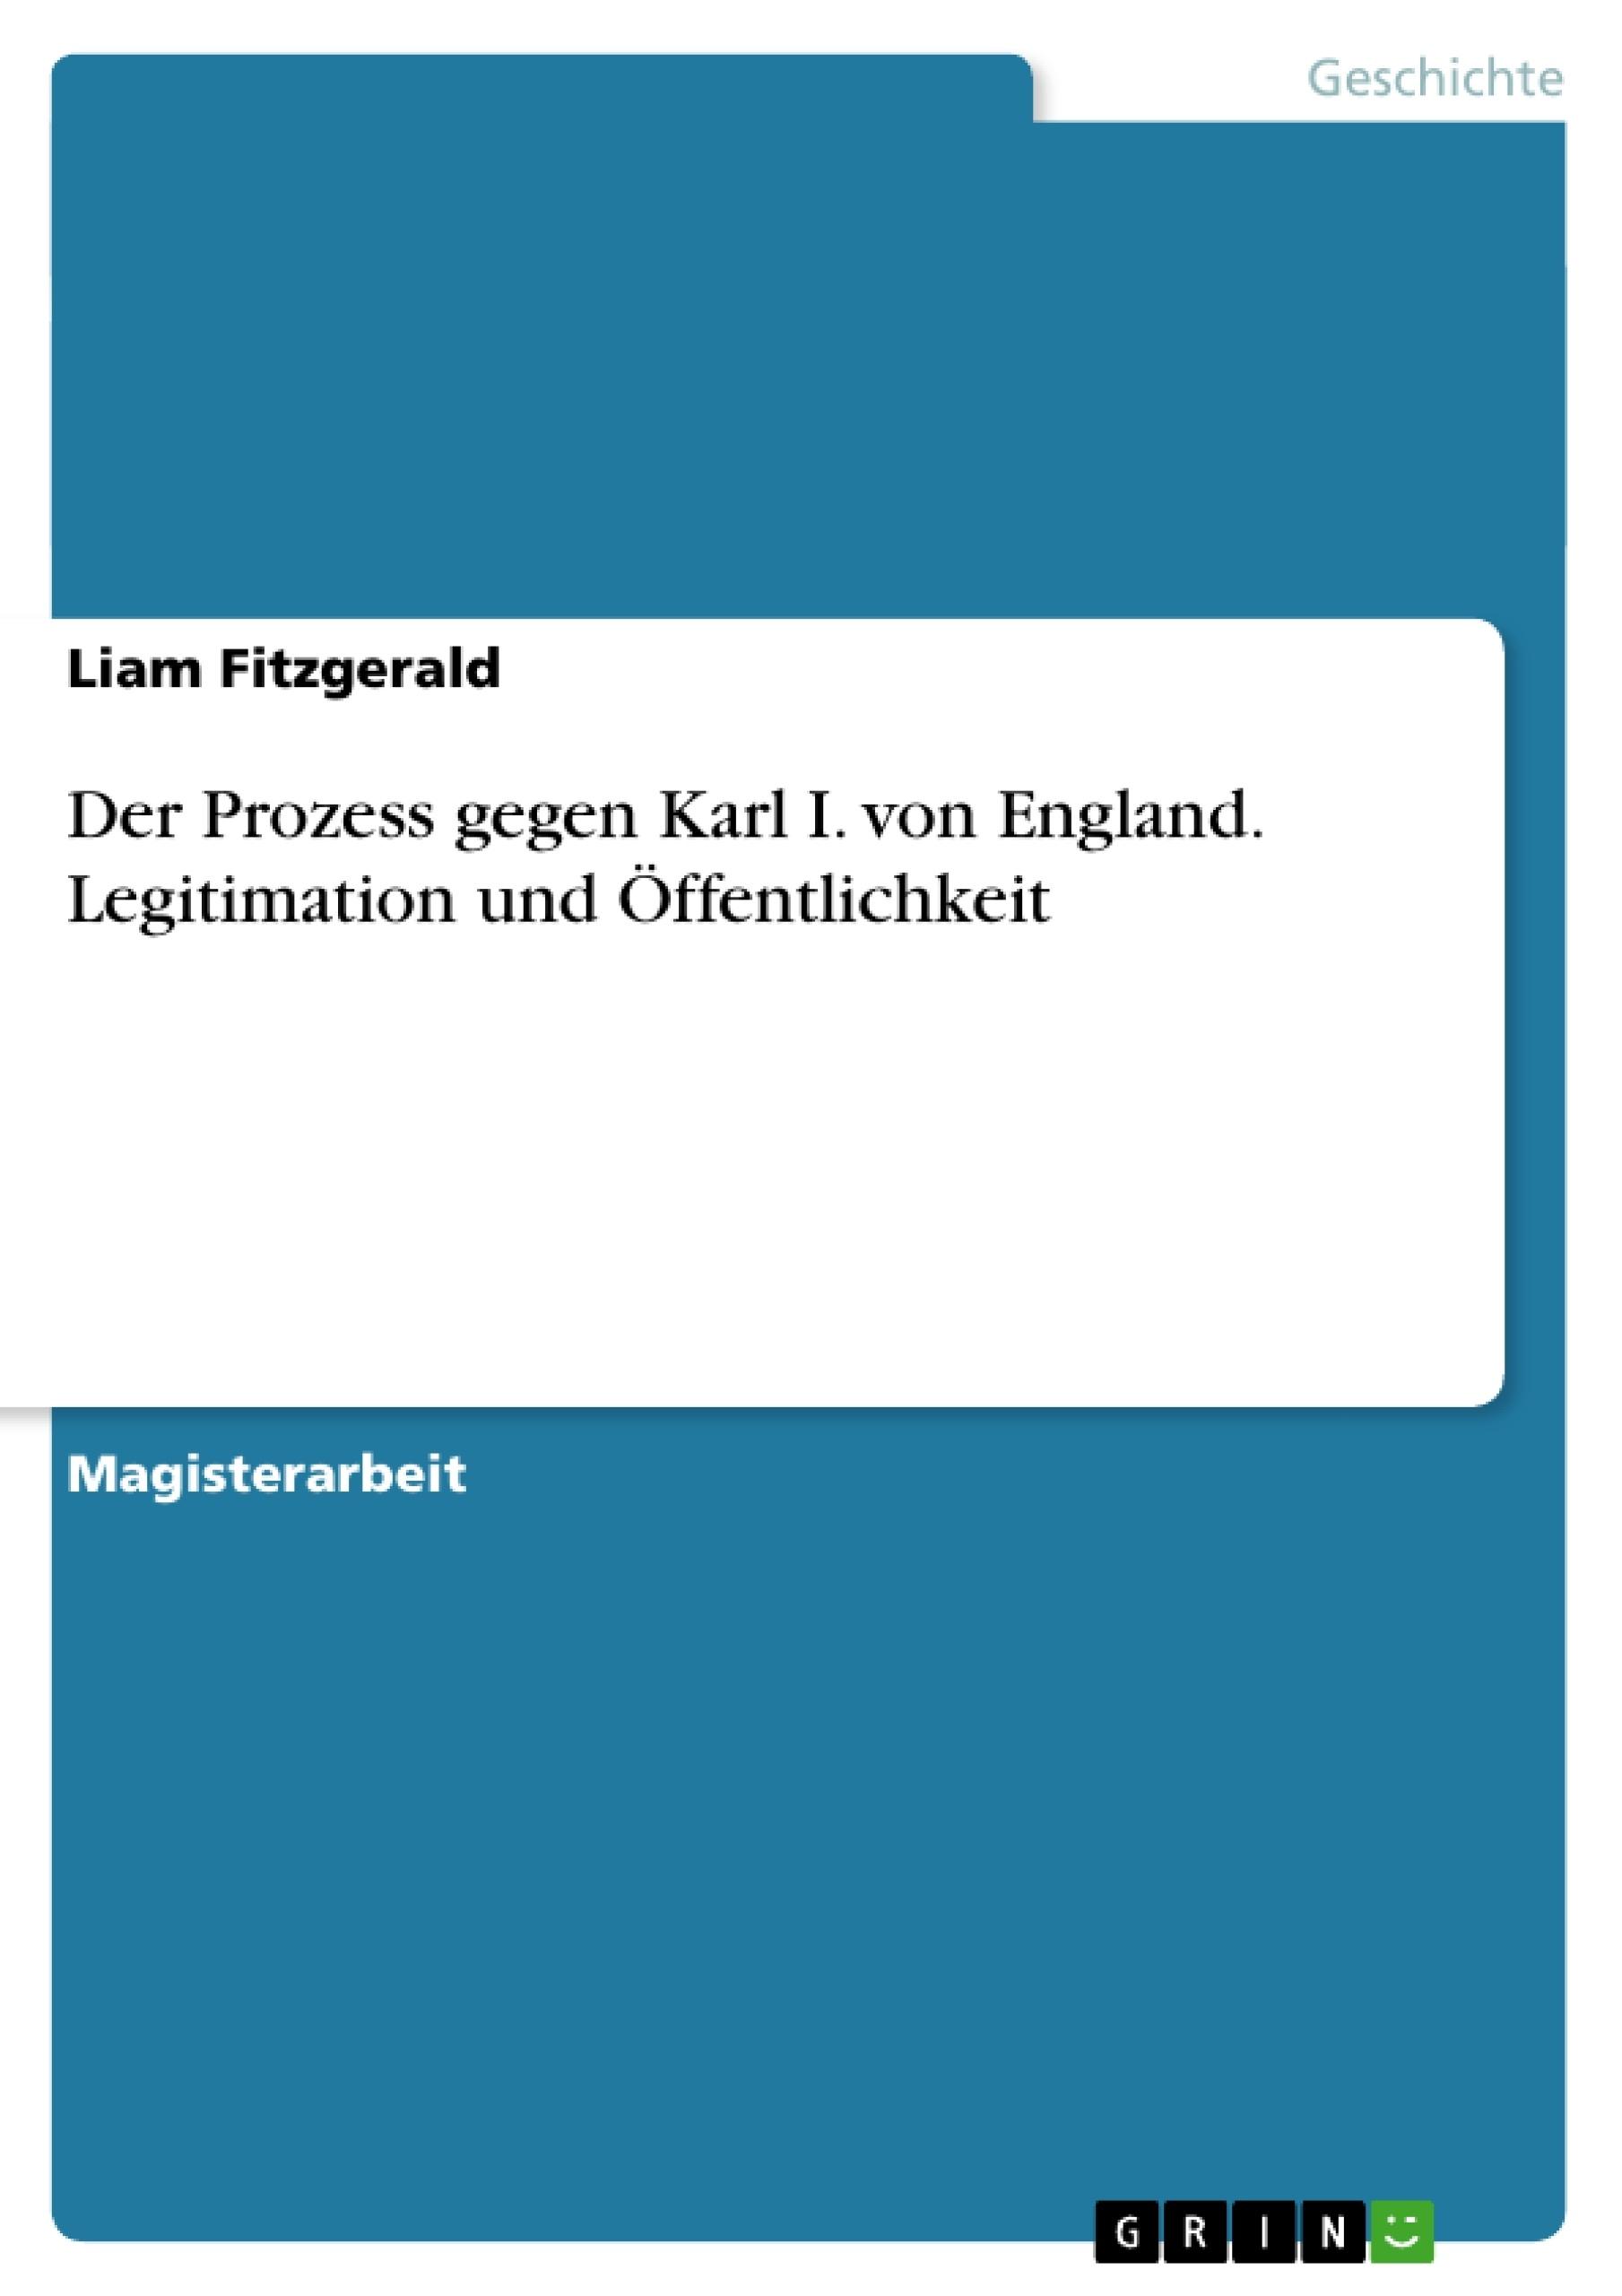 Titel: Der Prozess gegen Karl I. von England. Legitimation und Öffentlichkeit